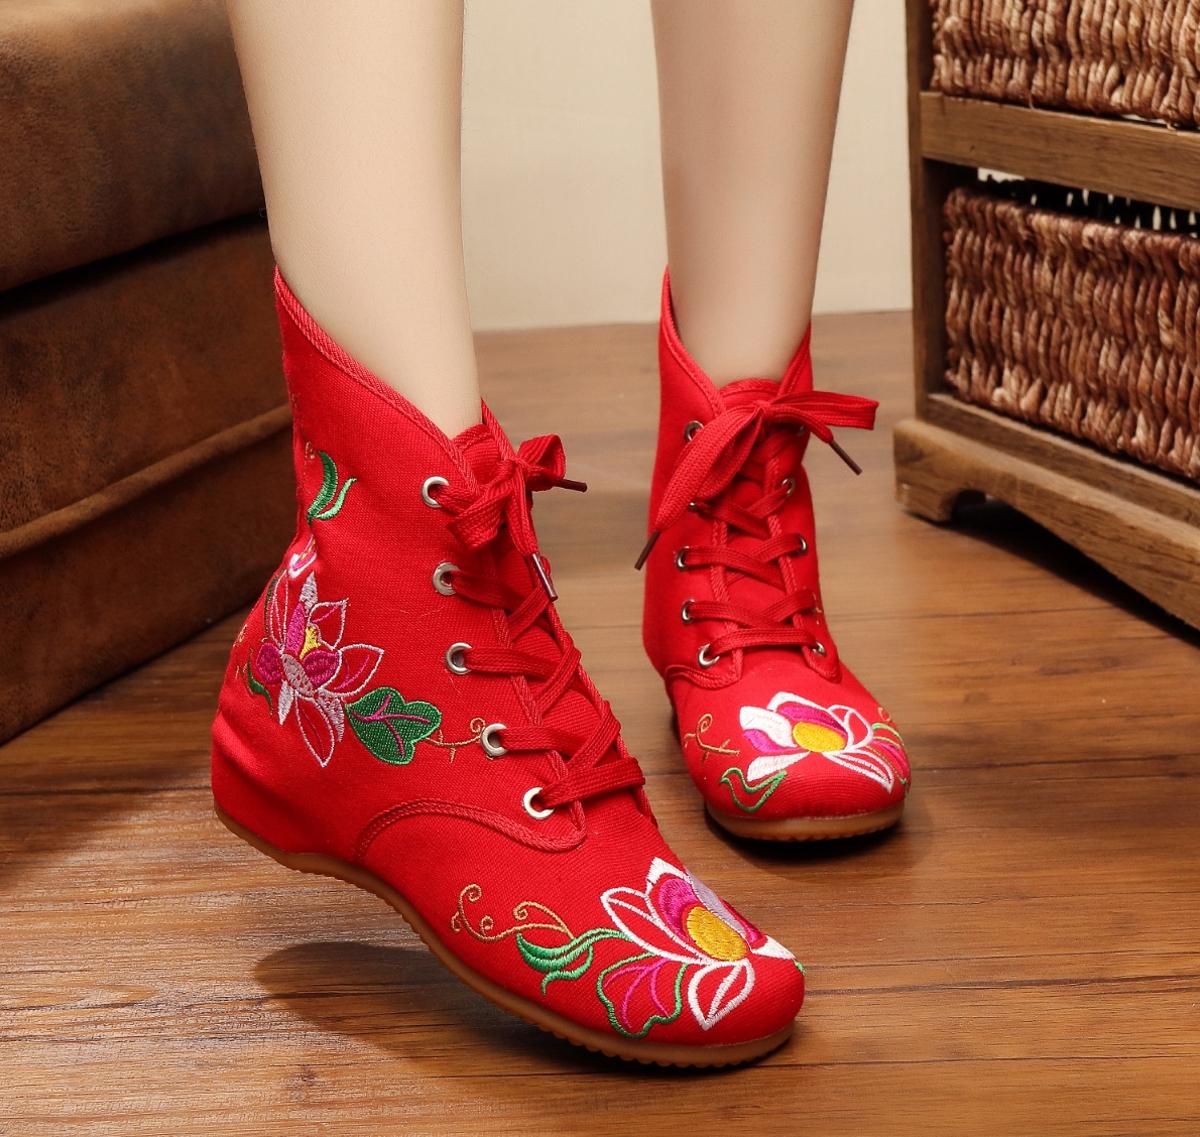 靴子 2020年春冬季新款绣花靴民族风女中筒靴子内增高布靴老北京布鞋女_推荐淘宝好看的女靴子